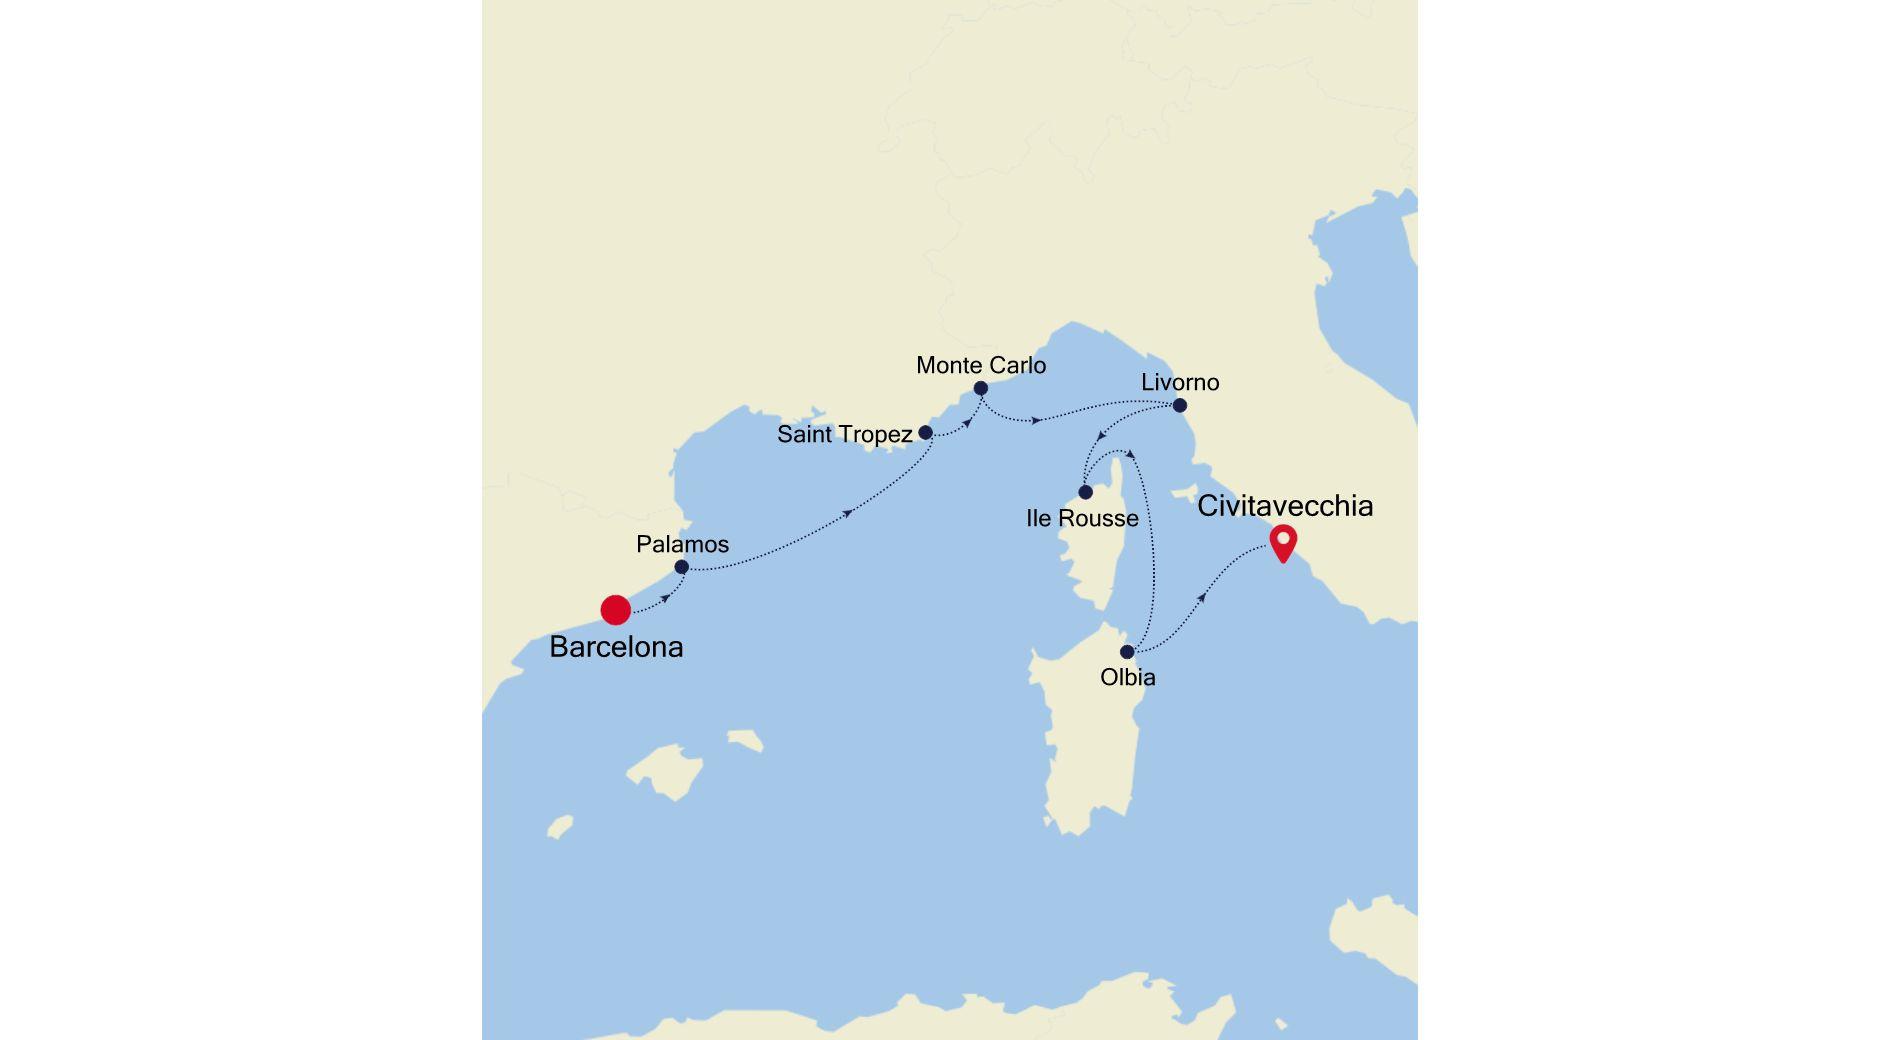 SS210510007 - Barcelona to Civitavecchia